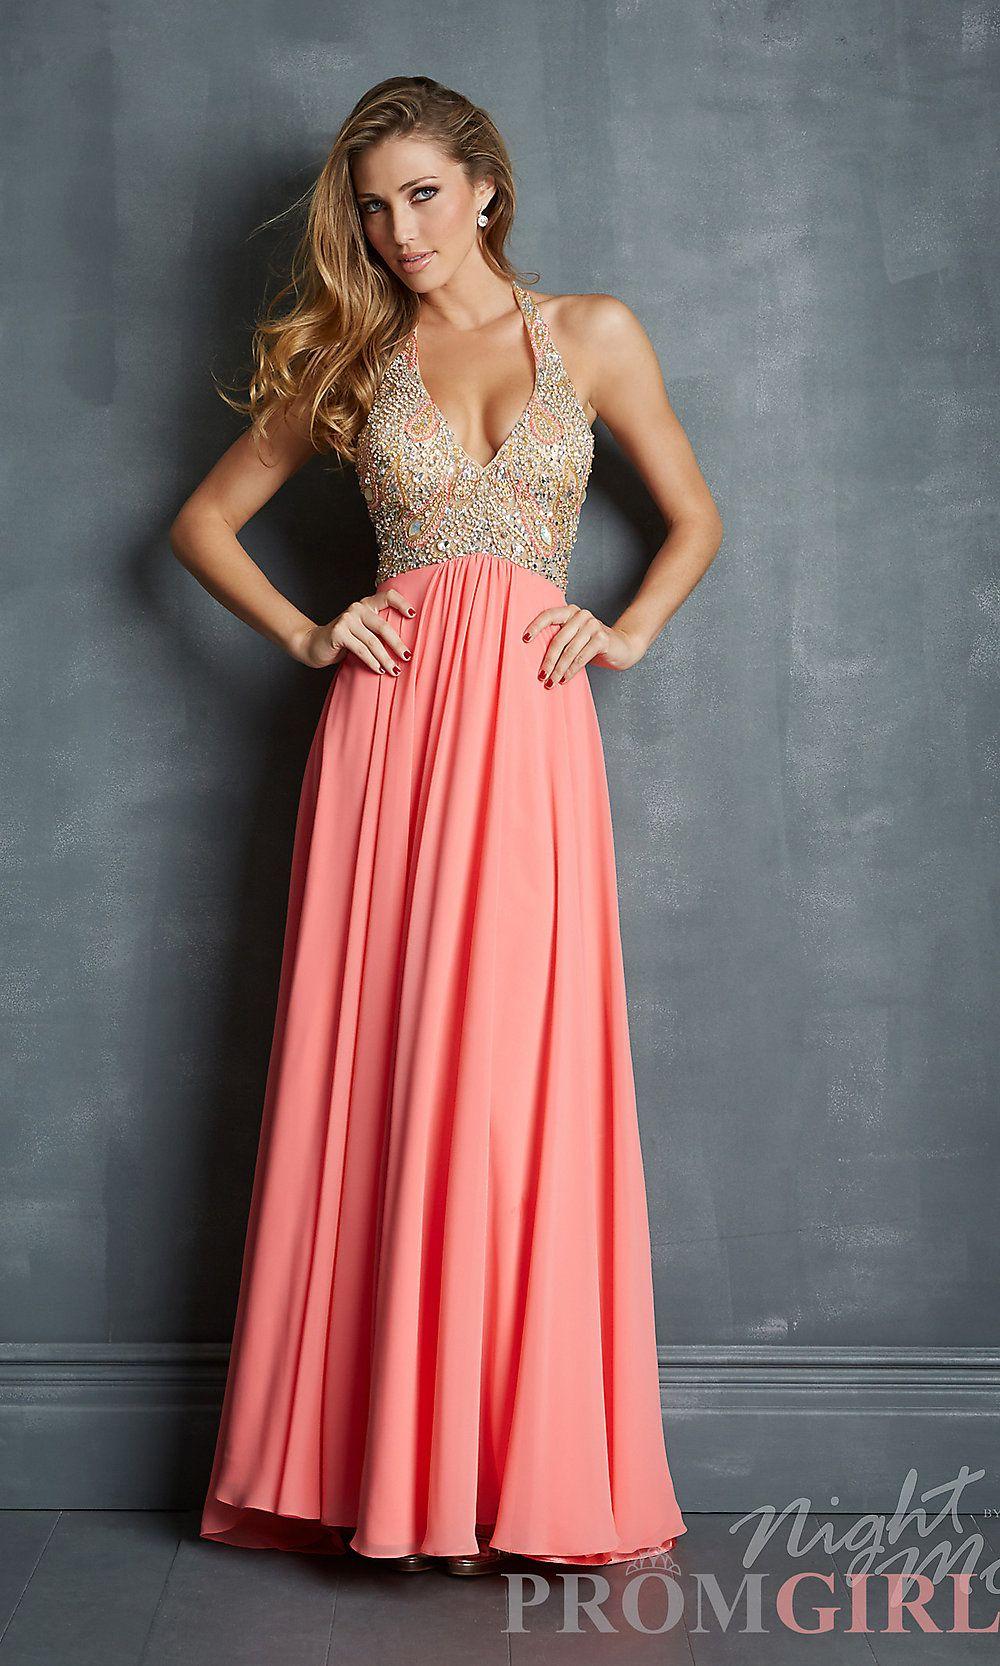 Long vneck halter gown dama pinterest halter gown designer